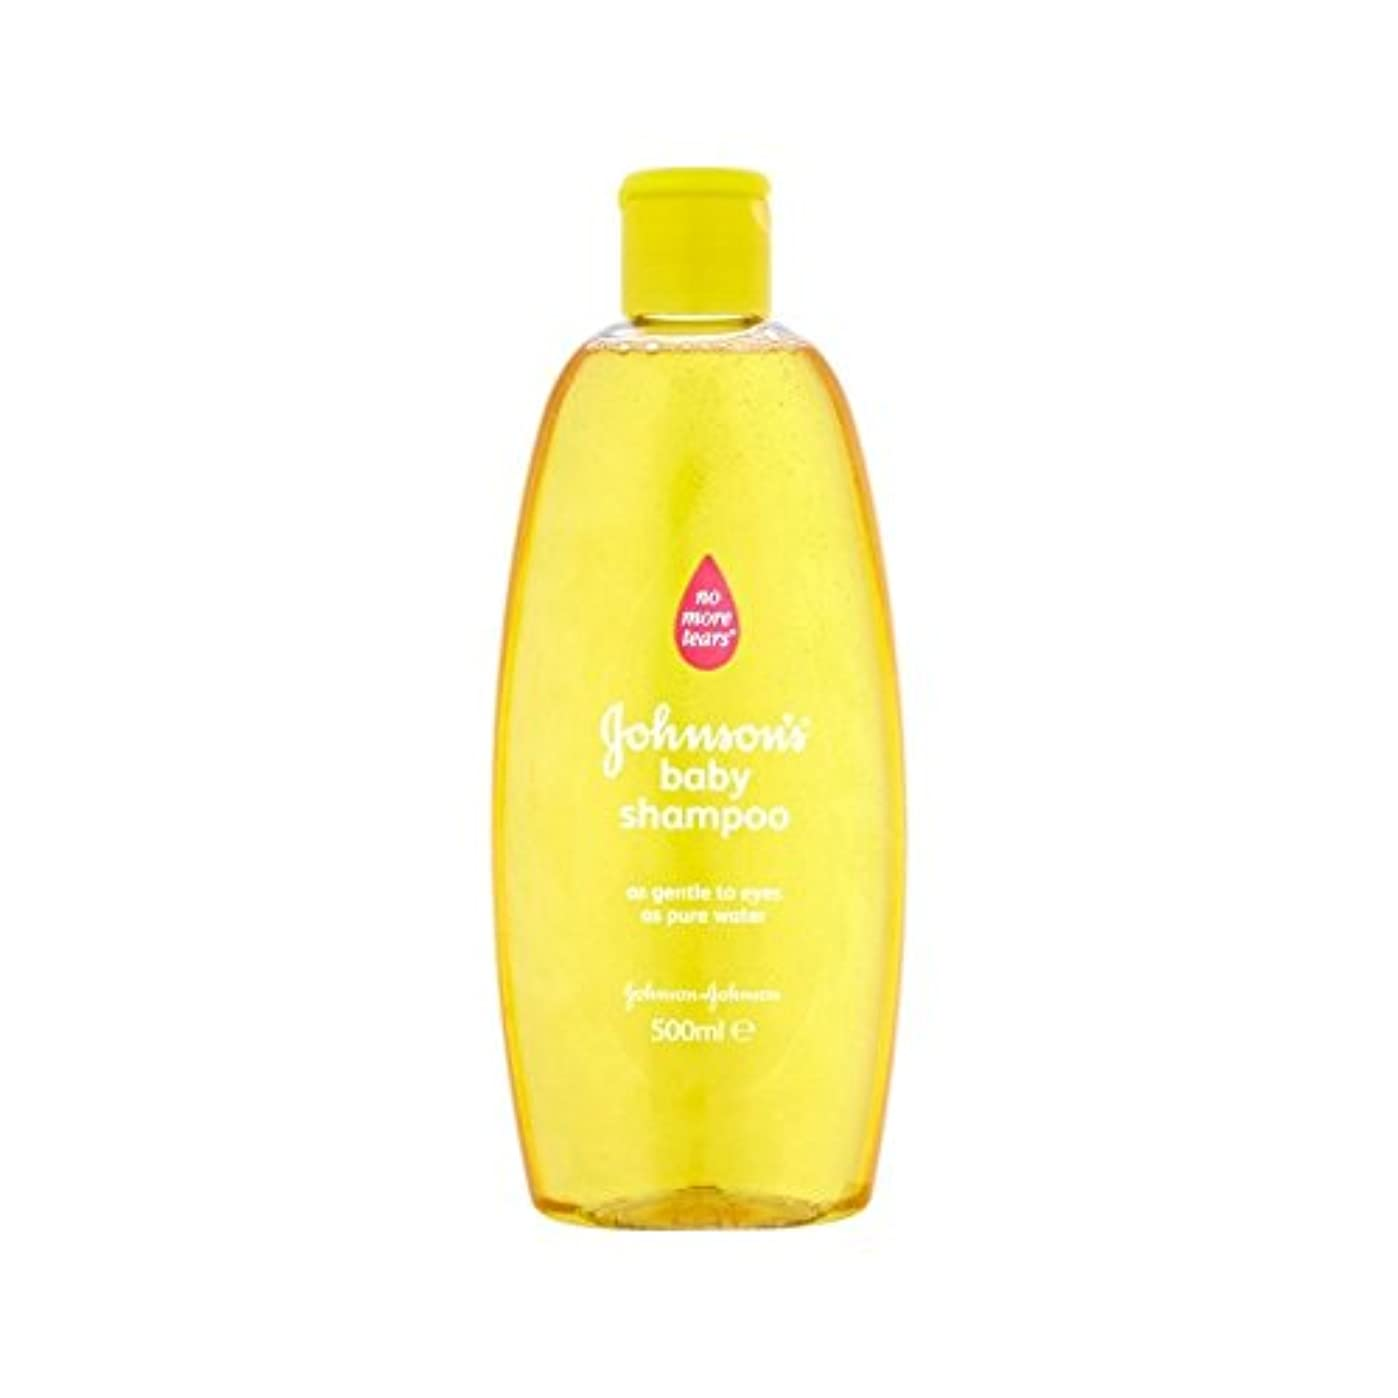 容量くつろぐリングバック金シャンプー500ミリリットル (Johnson's Baby) - Johnson's Baby Gold Shampoo 500ml [並行輸入品]